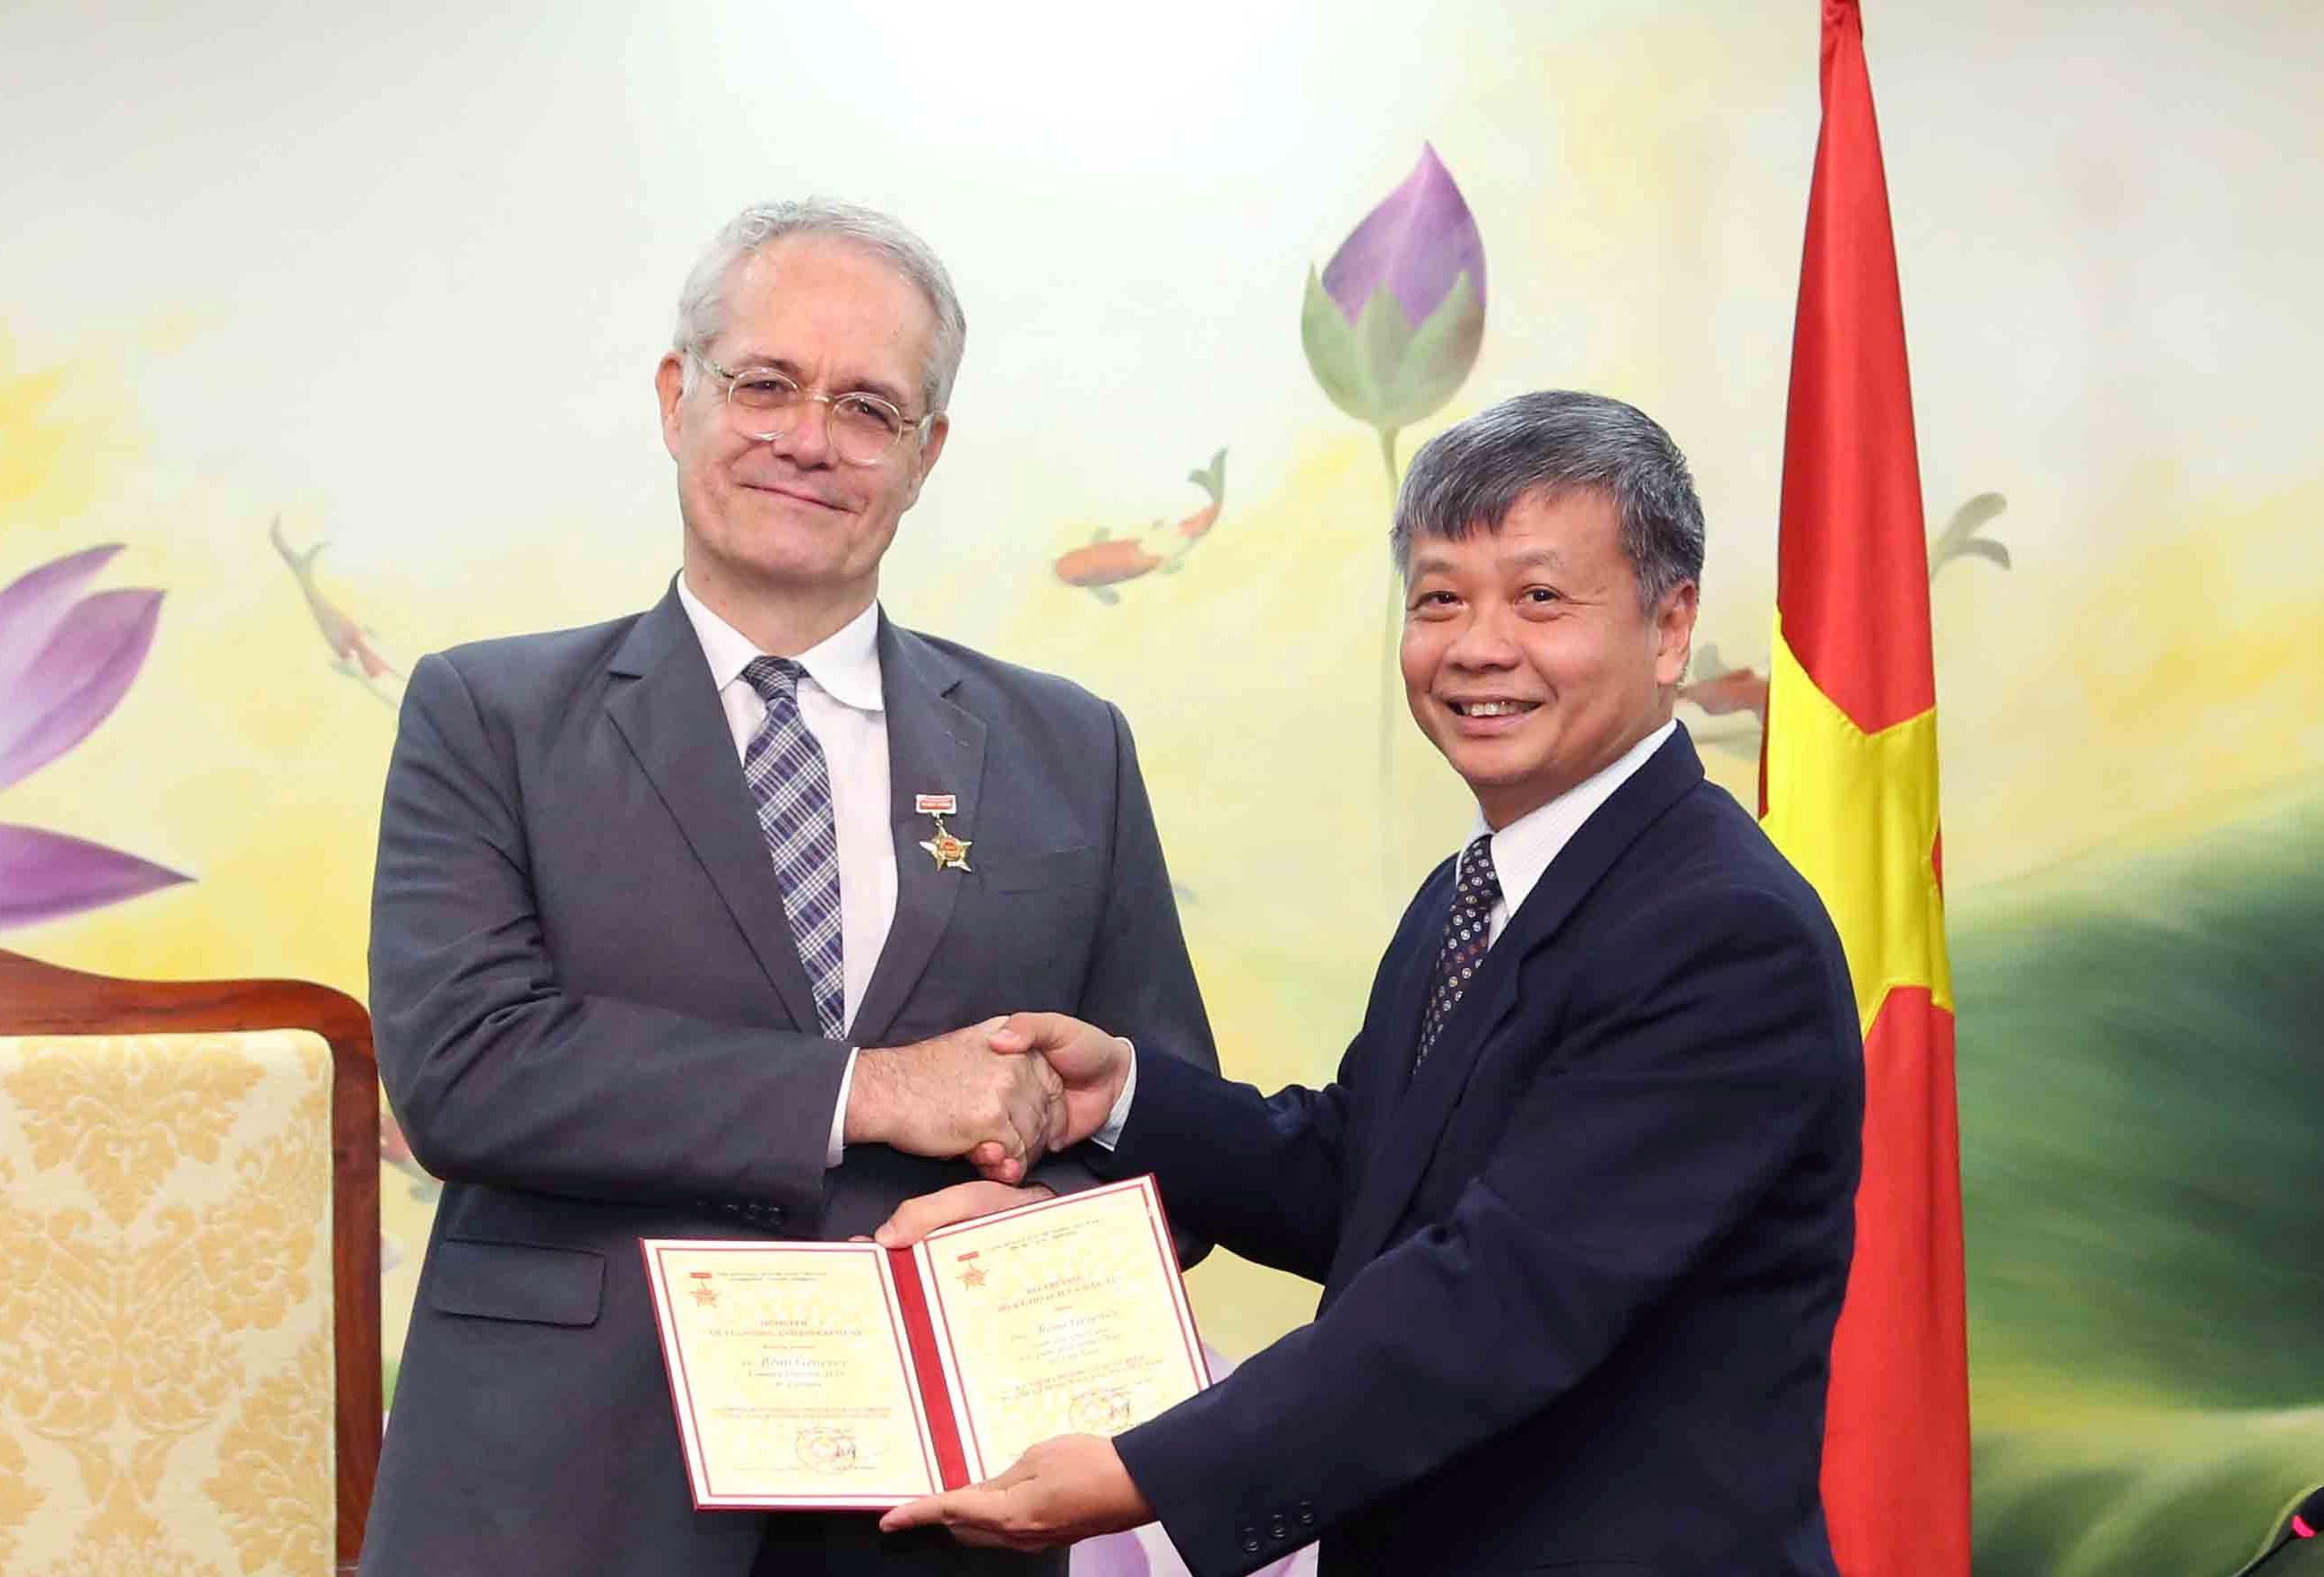 Trao tặng Kỷ niệm chương cho cho Giám đốc AFD tại Việt Nam